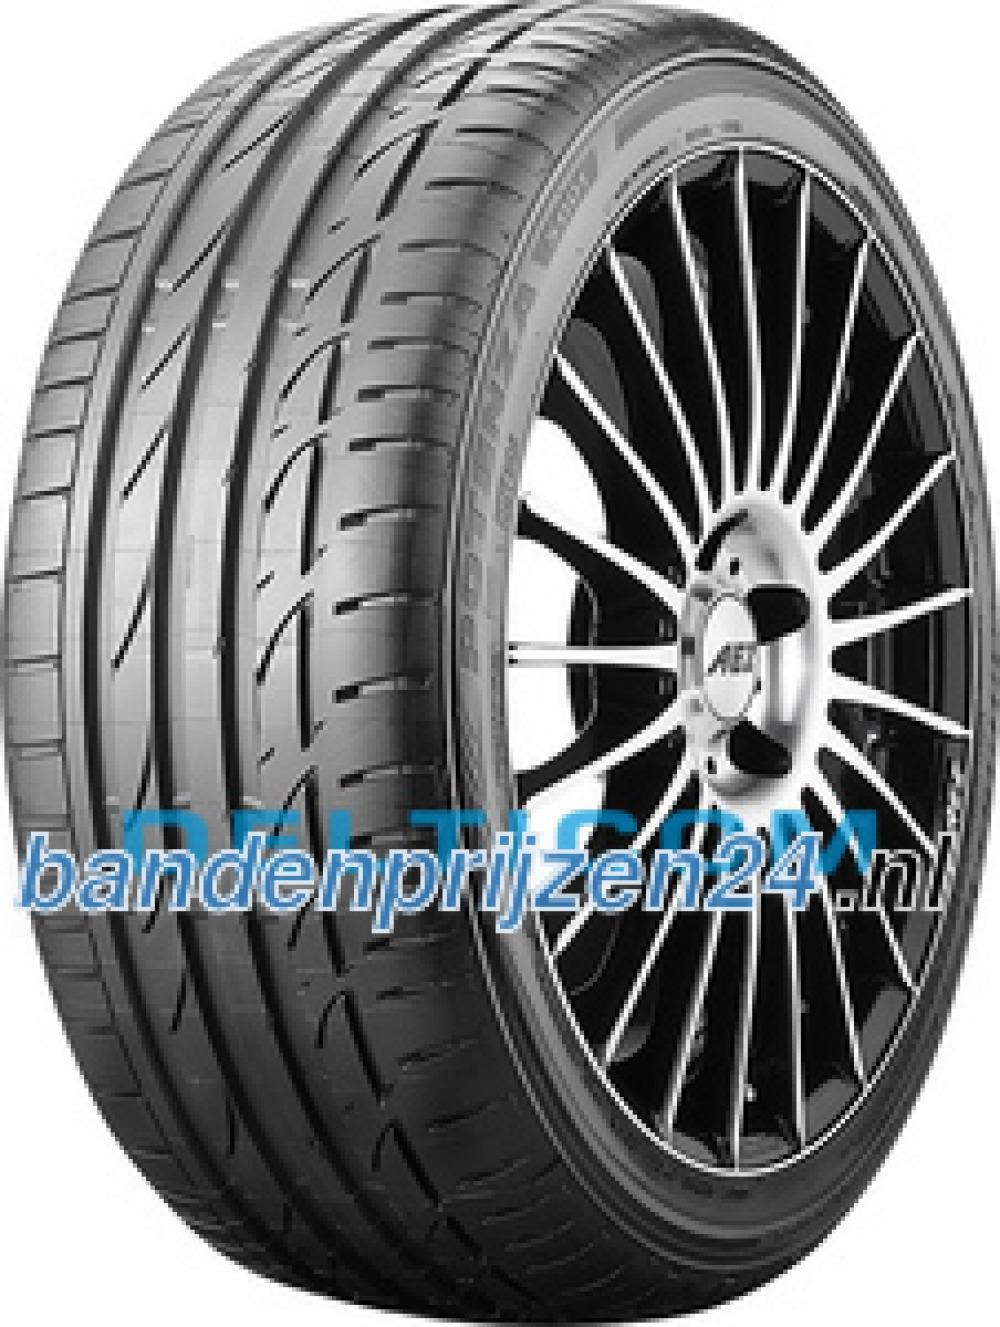 Bridgestone Potenza S001 EXT ( 275/40 R19 101Y MOE, runflat, met velgrandbescherming (MFS) )